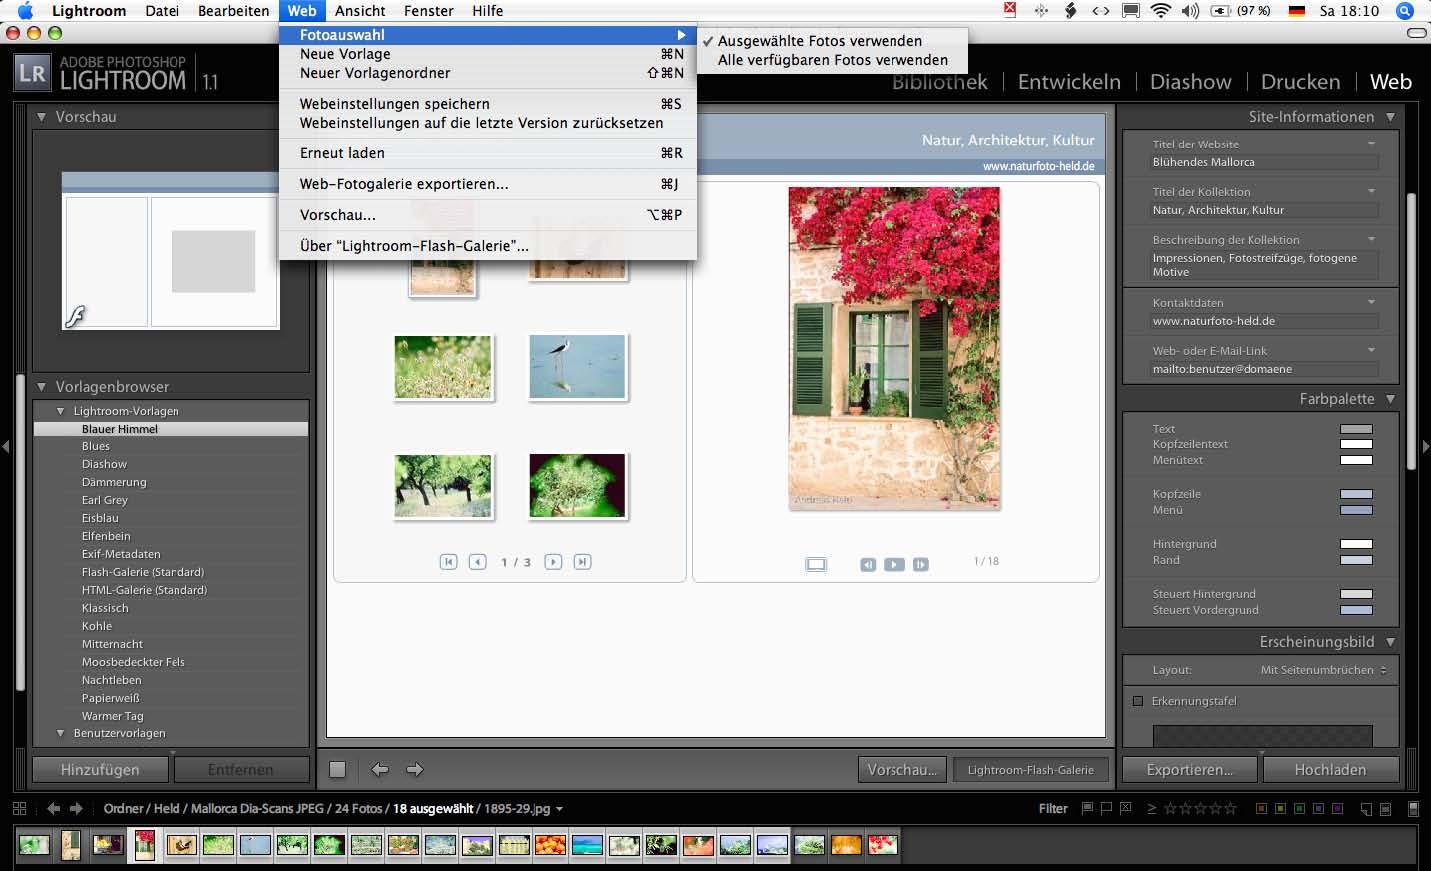 Tolle Lightroom Buch Vorlagen Fotos - Entry Level Resume Vorlagen ...